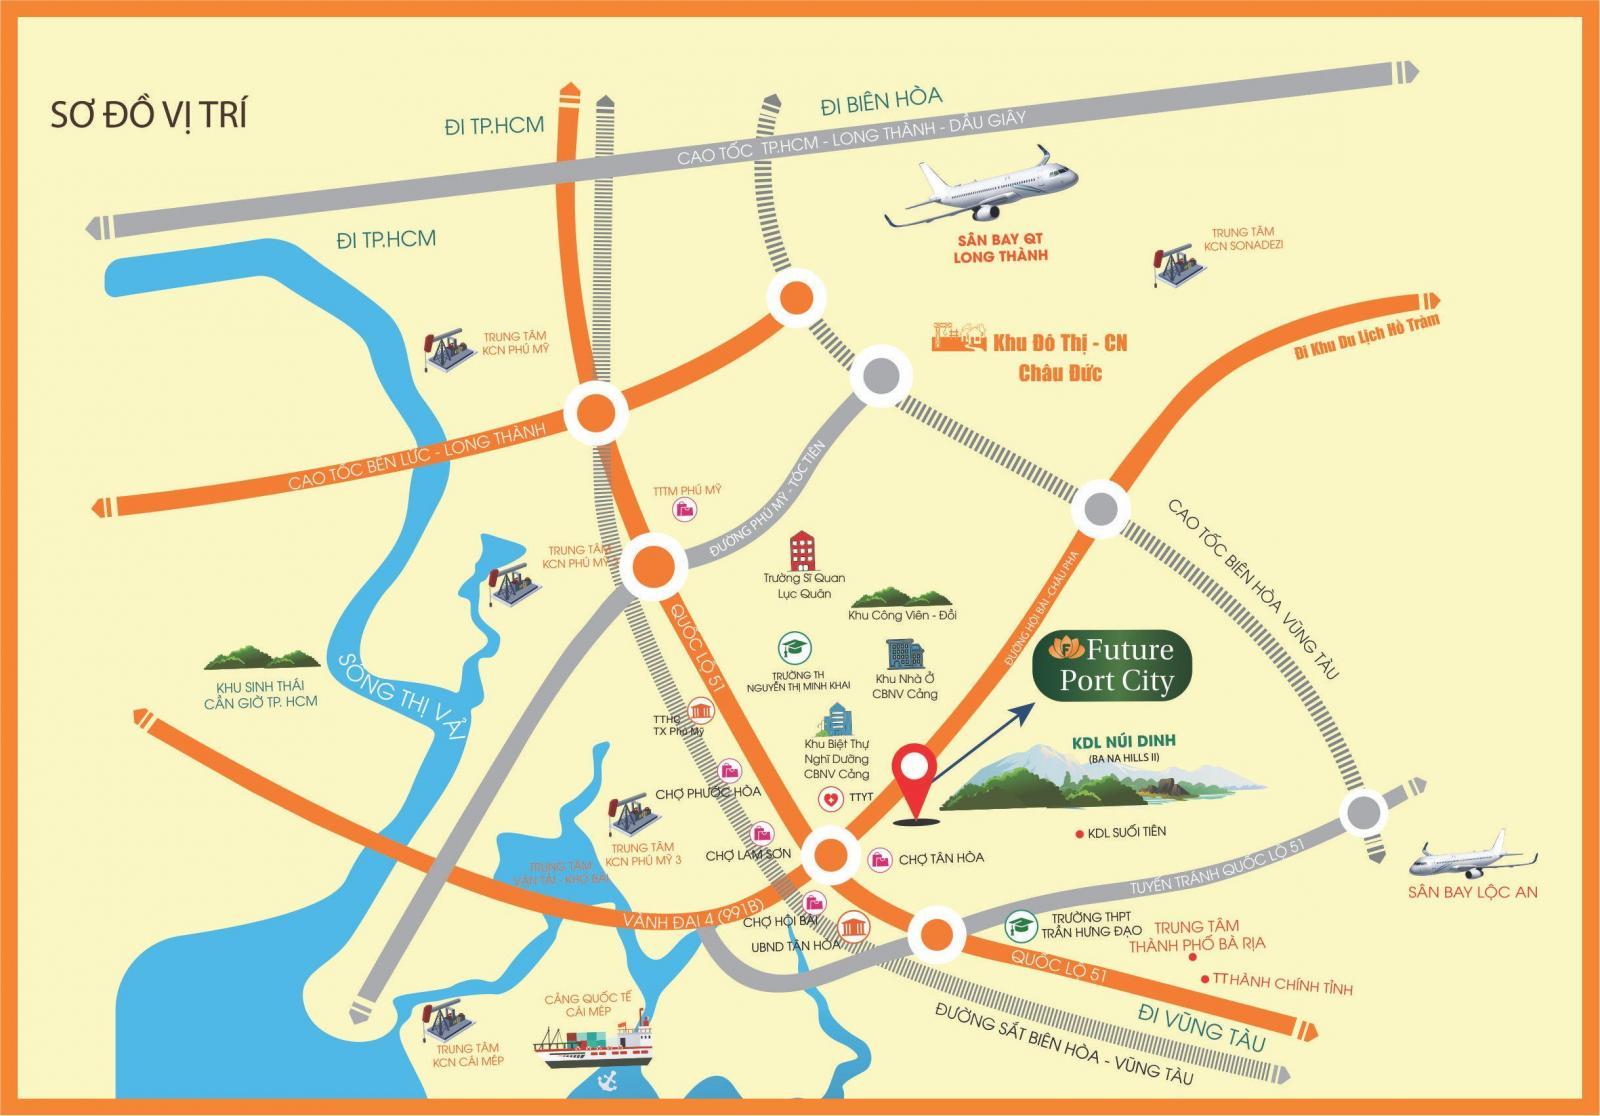 Vị trí dự án Future Port City trên bản đồ